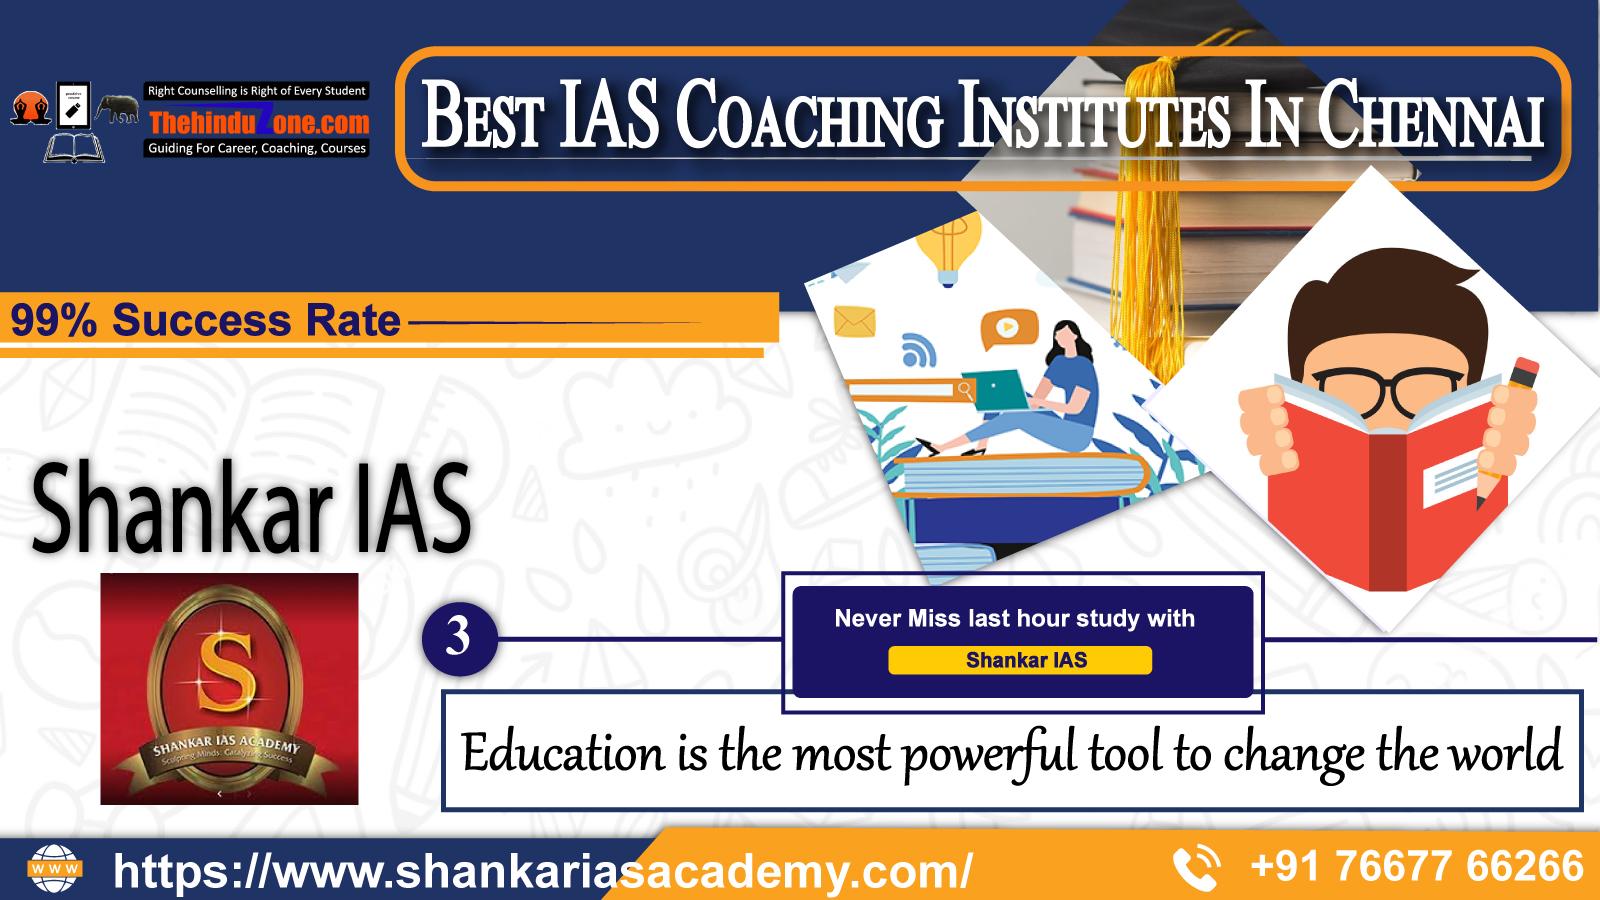 shankar IAS Coaching In Chennai